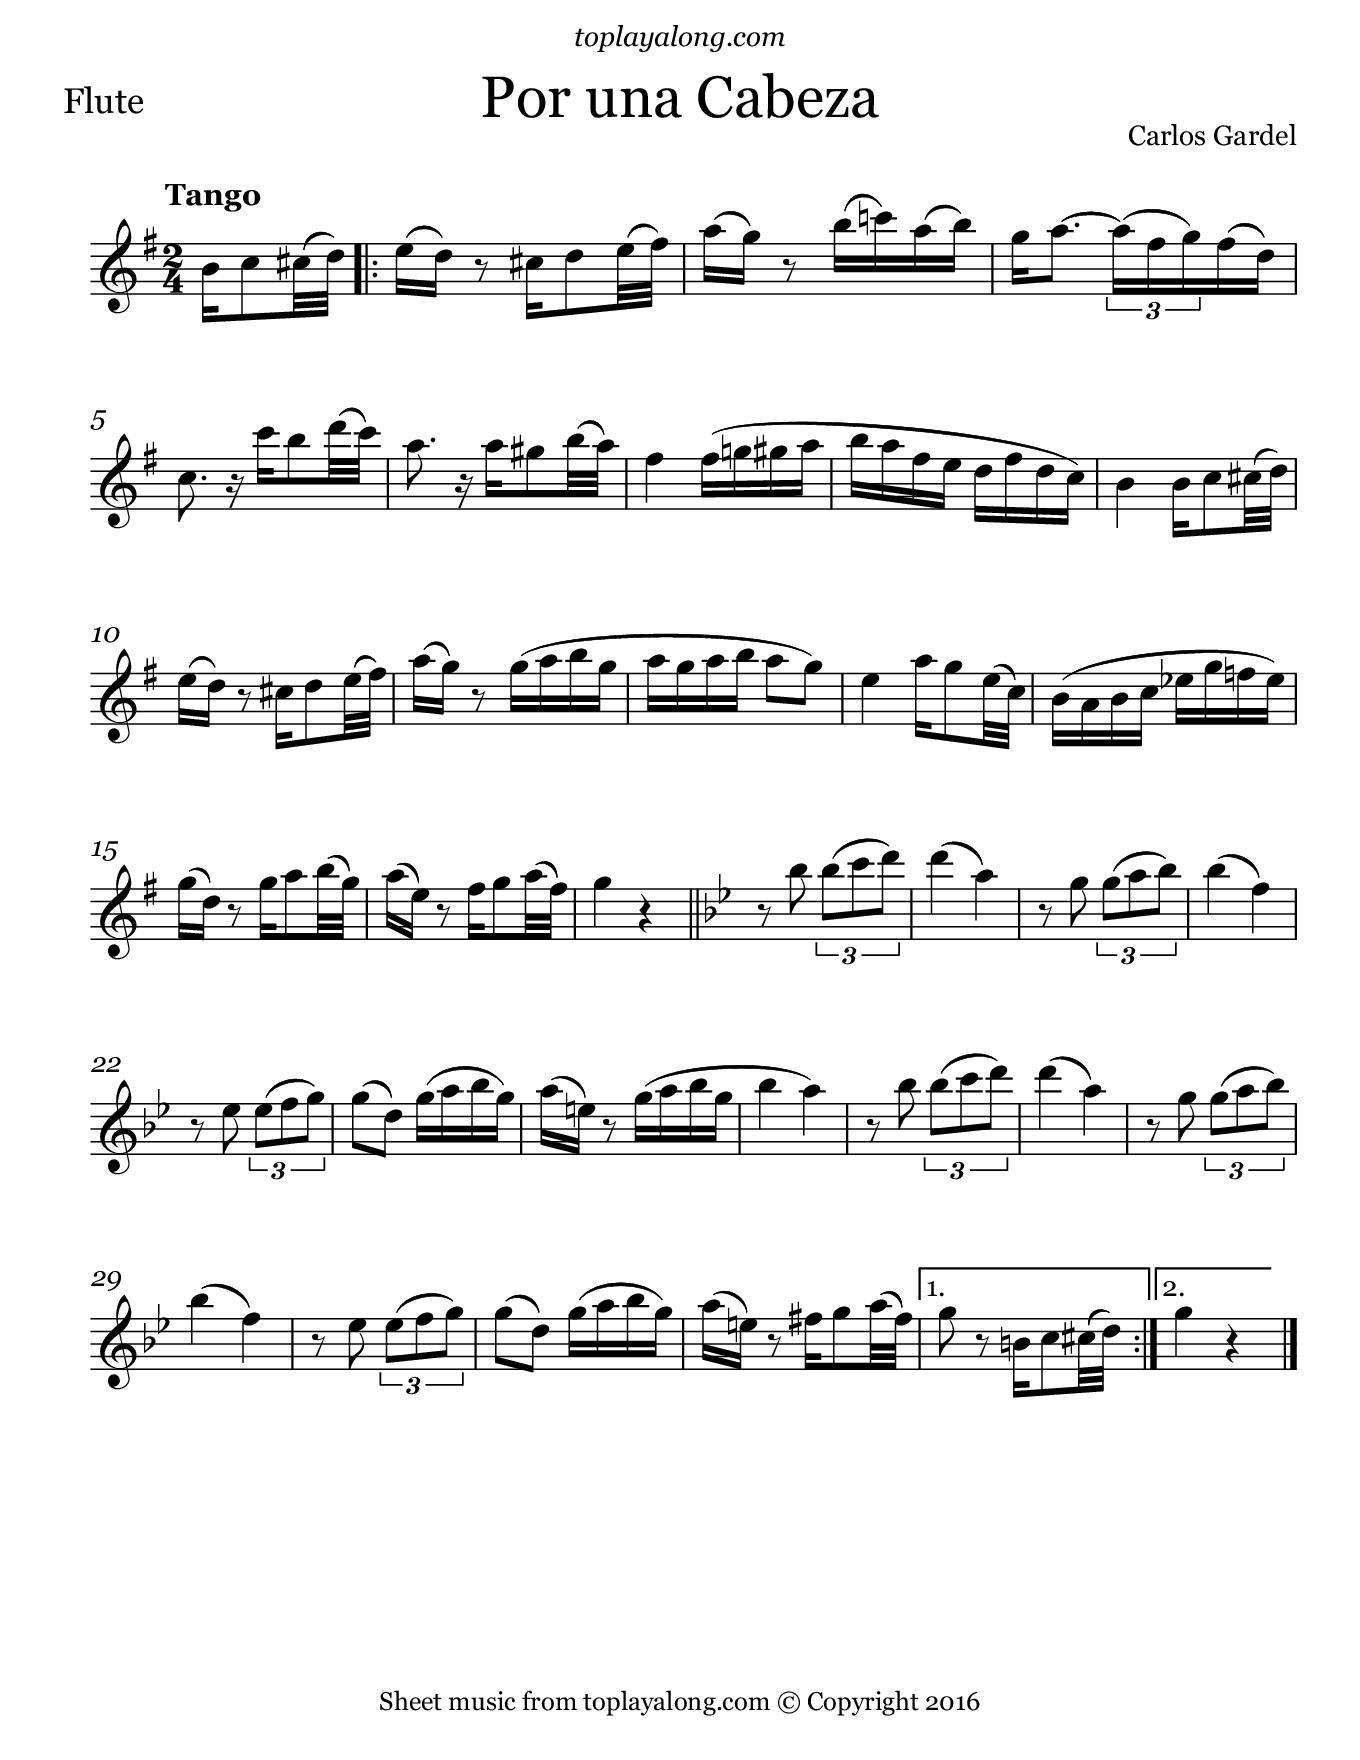 Por Una Cabeza by Carlos Gardel. Sheet music for Flute, page 1.